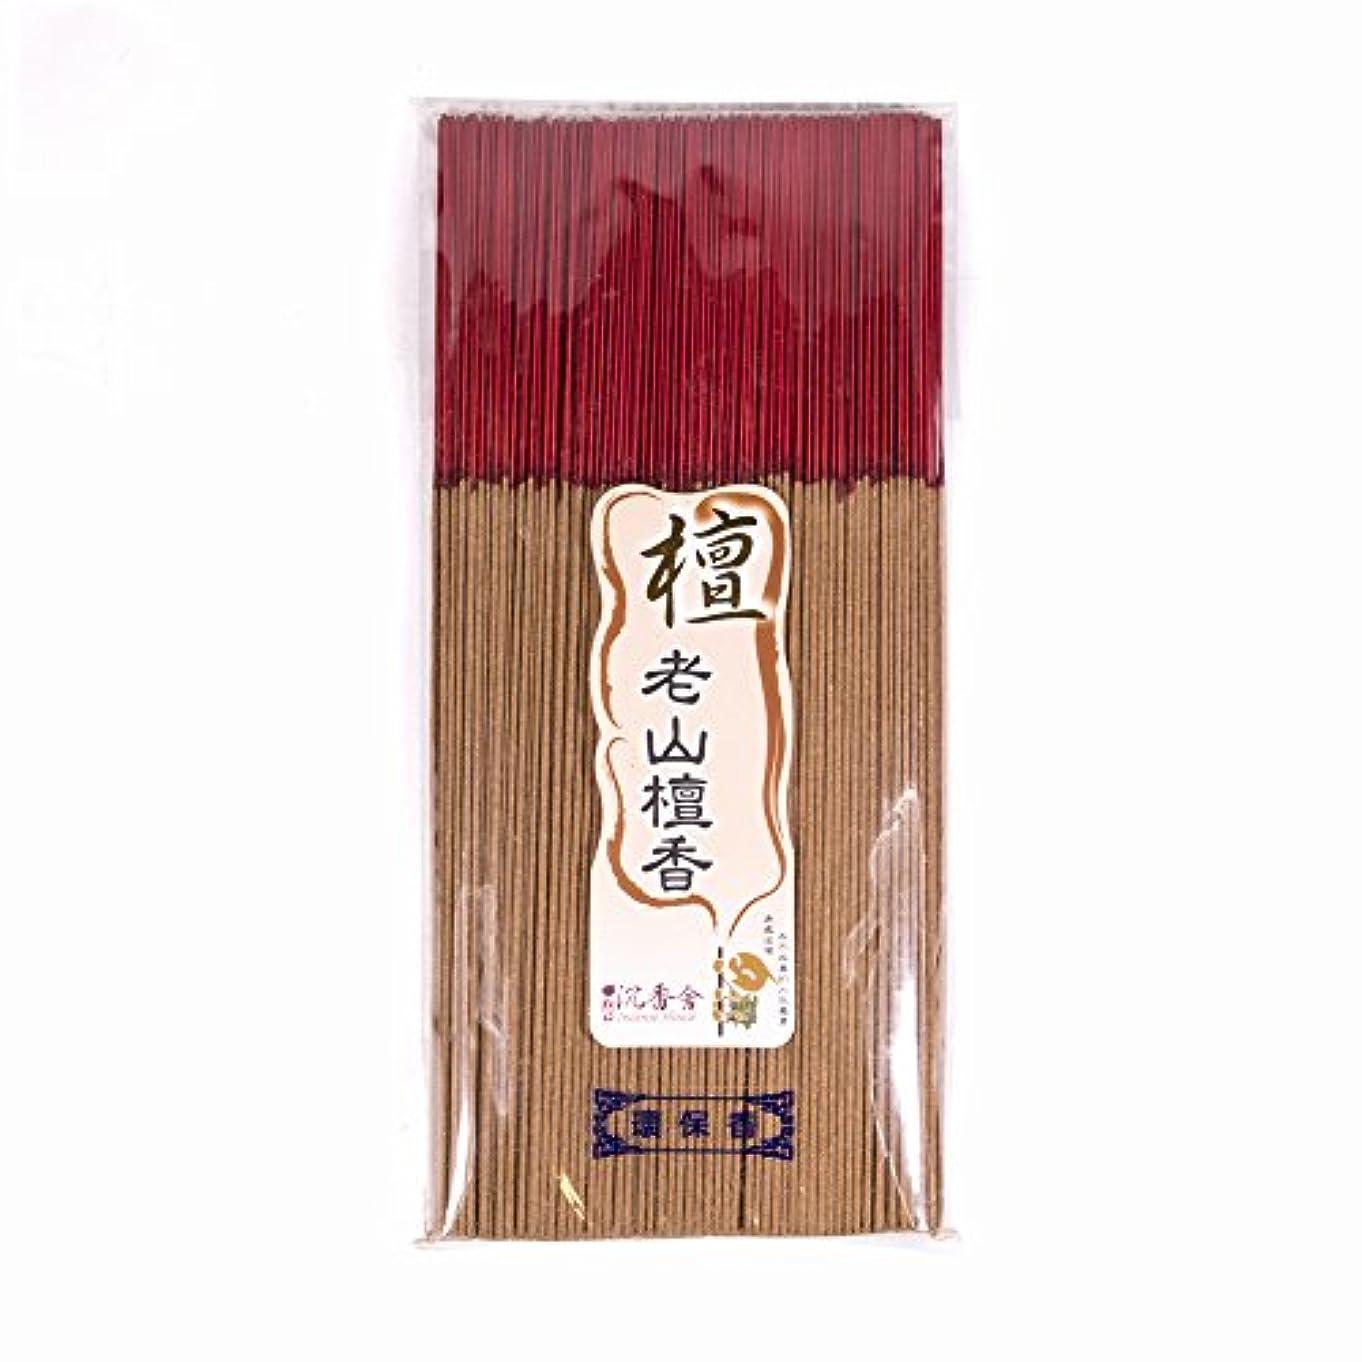 スナップパネル同等の台湾沉香舍 老山檀香 台湾のお香家 - 檀香 30cm (木支香) 300g 約400本